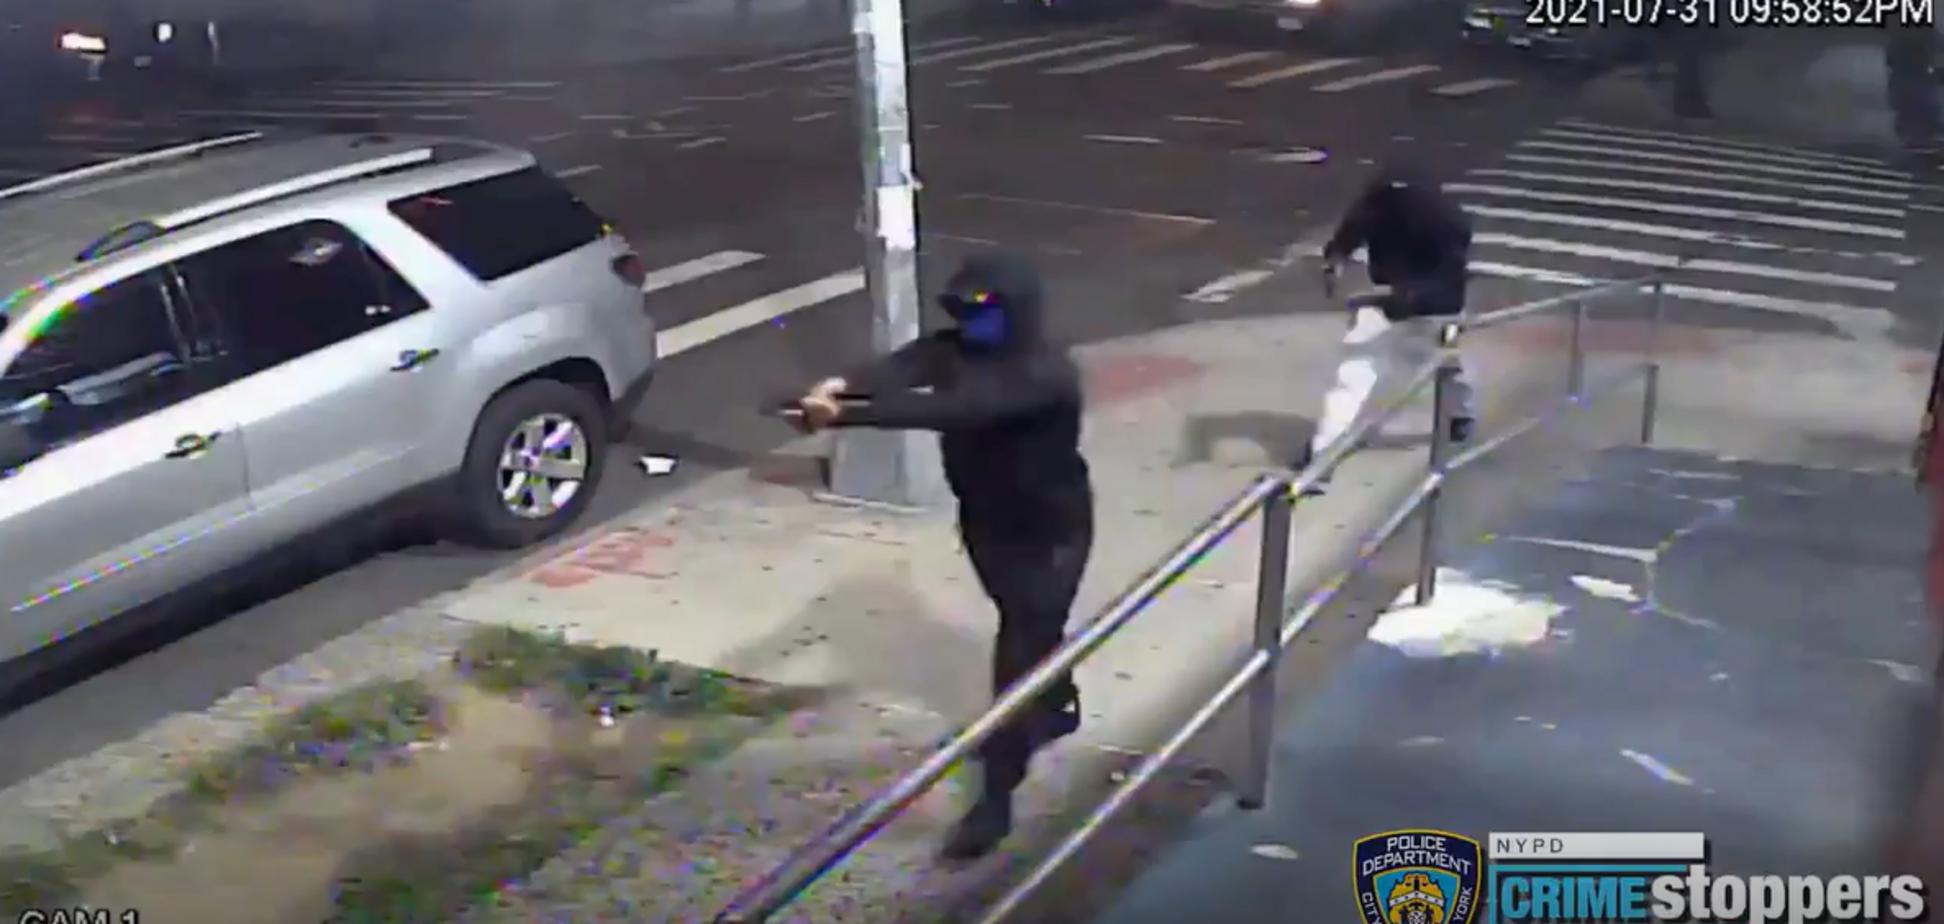 Стрілянина в США: на вулиці вбили 10 осіб